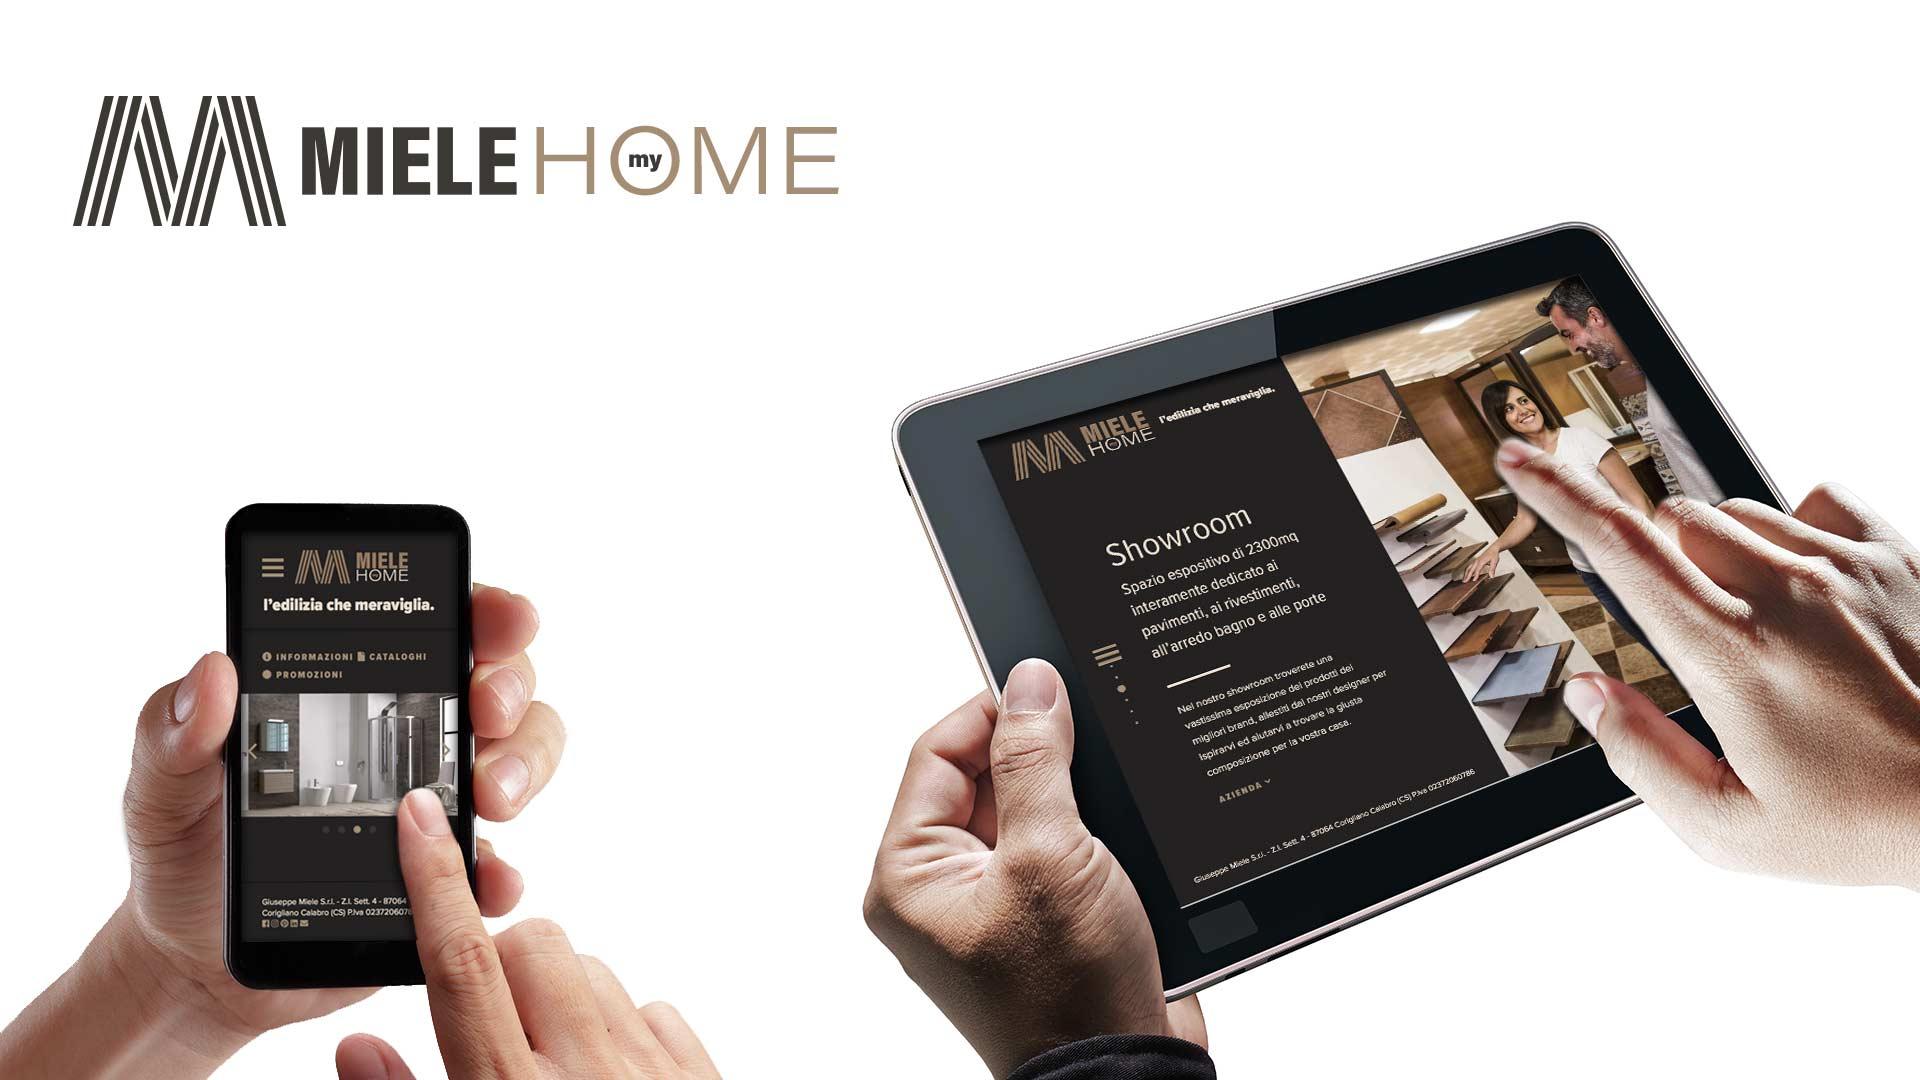 immagine in evidenza della pagina Online il nuovo sito web Miele My Home